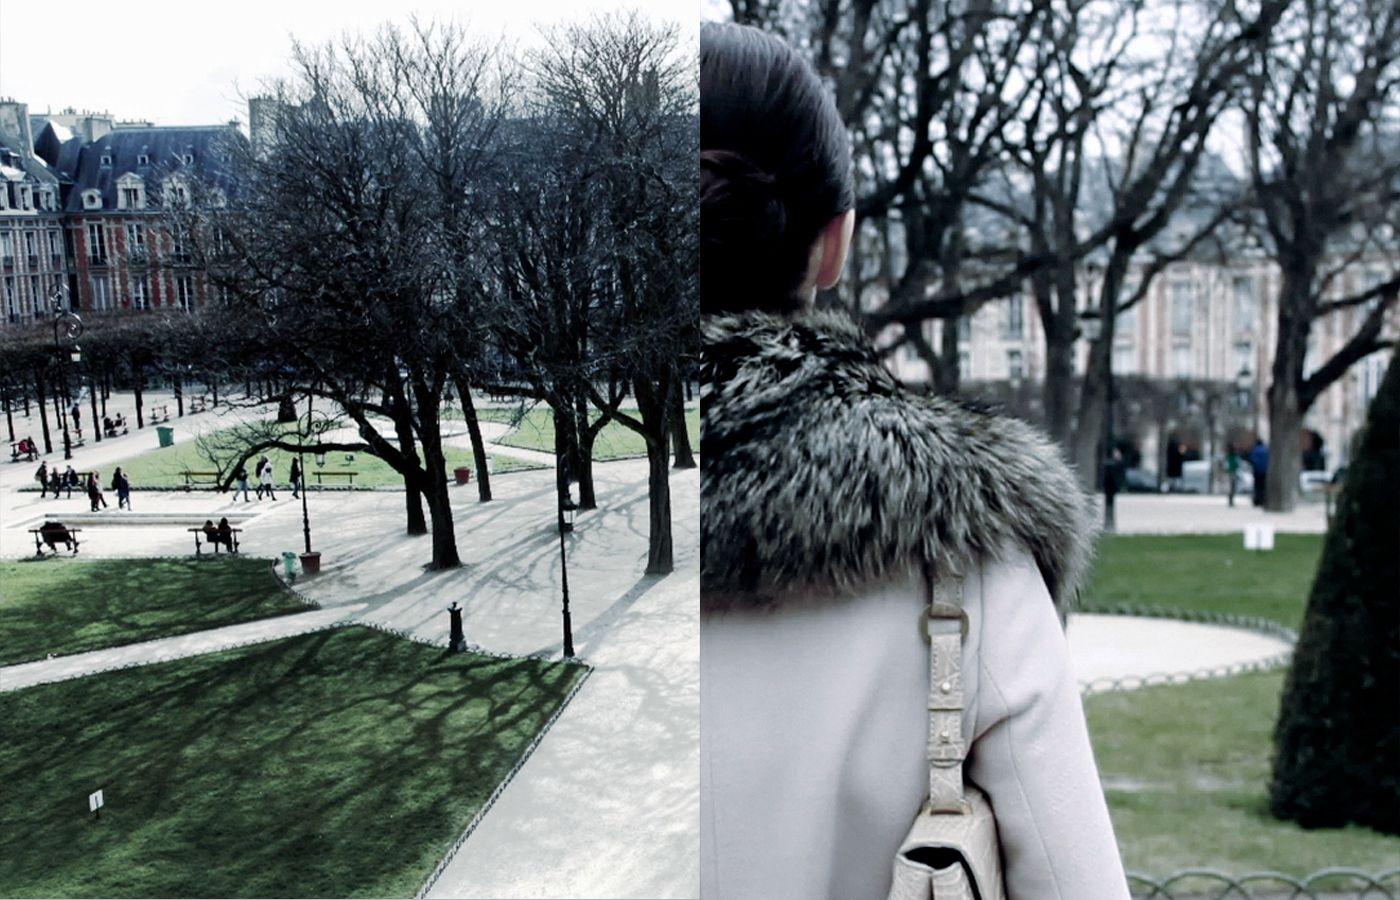 Balade a Paris - PreFall 2012 Short-Film